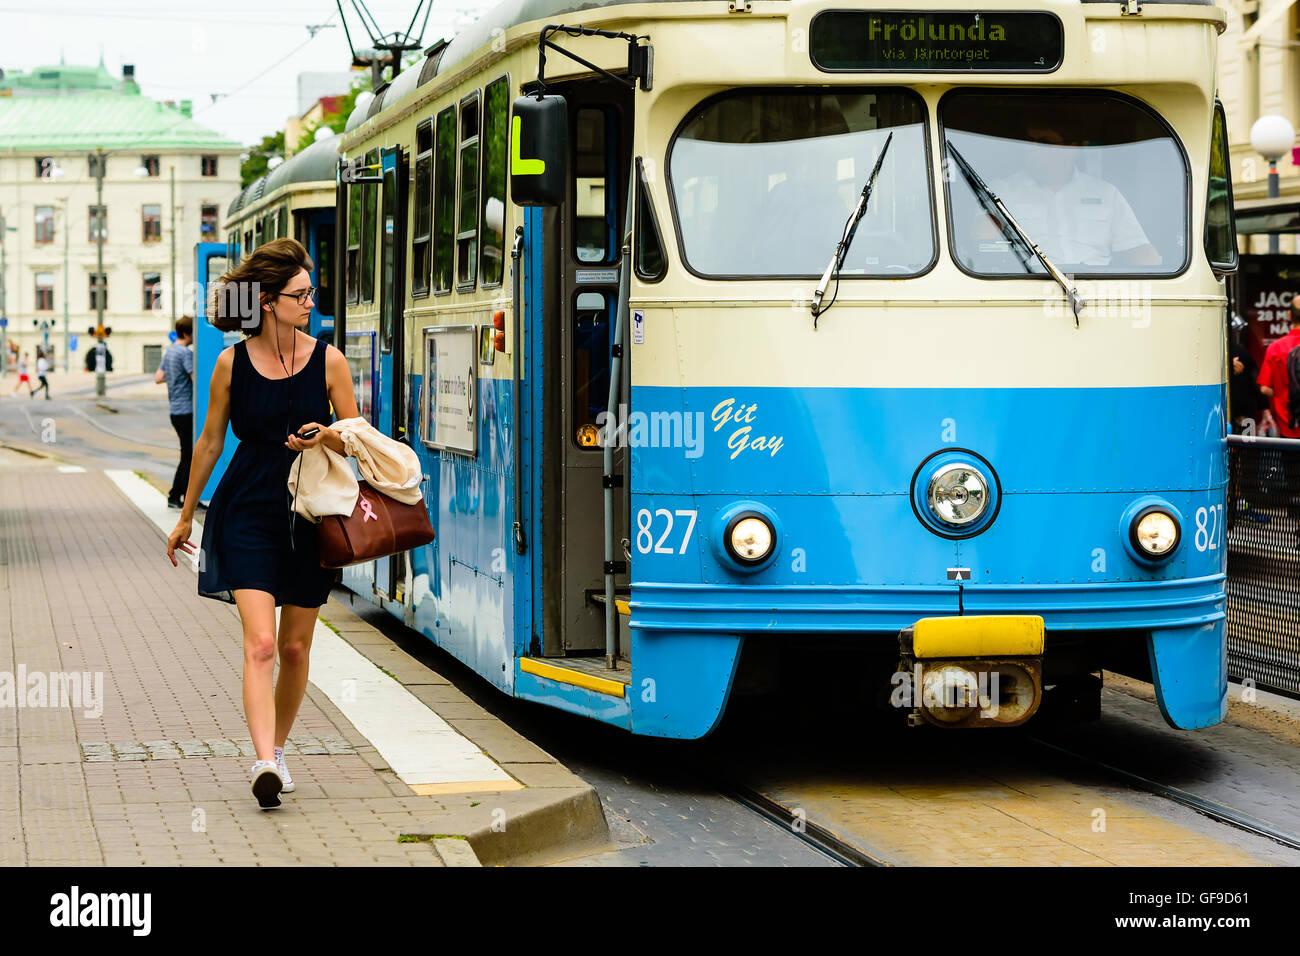 En Goteborg, Suecia - Julio 25, 2016: La gente real en la vida cotidiana. Mujer preciosa en vidrios caminando al lado de un tranvía eléctrico. Foto de stock